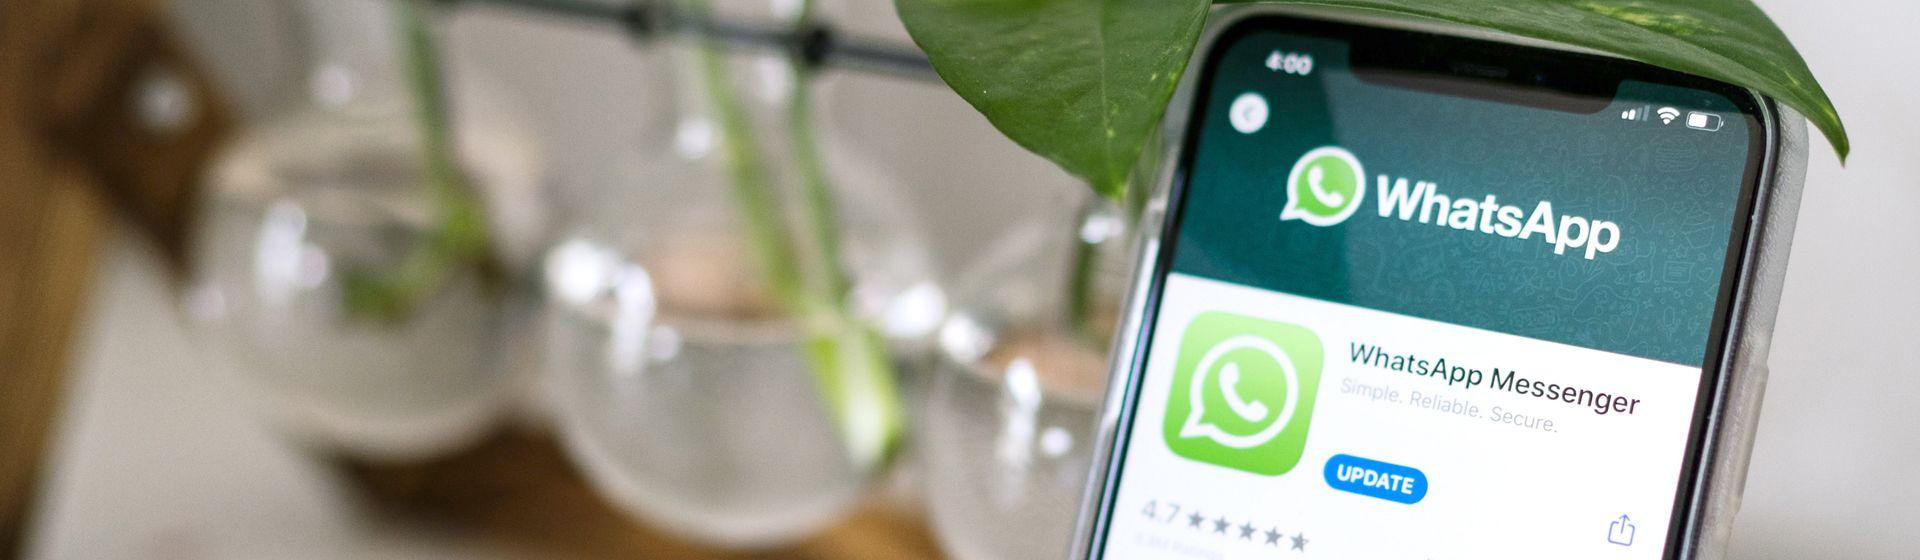 Strafbare Inhalte bei WhatsApp